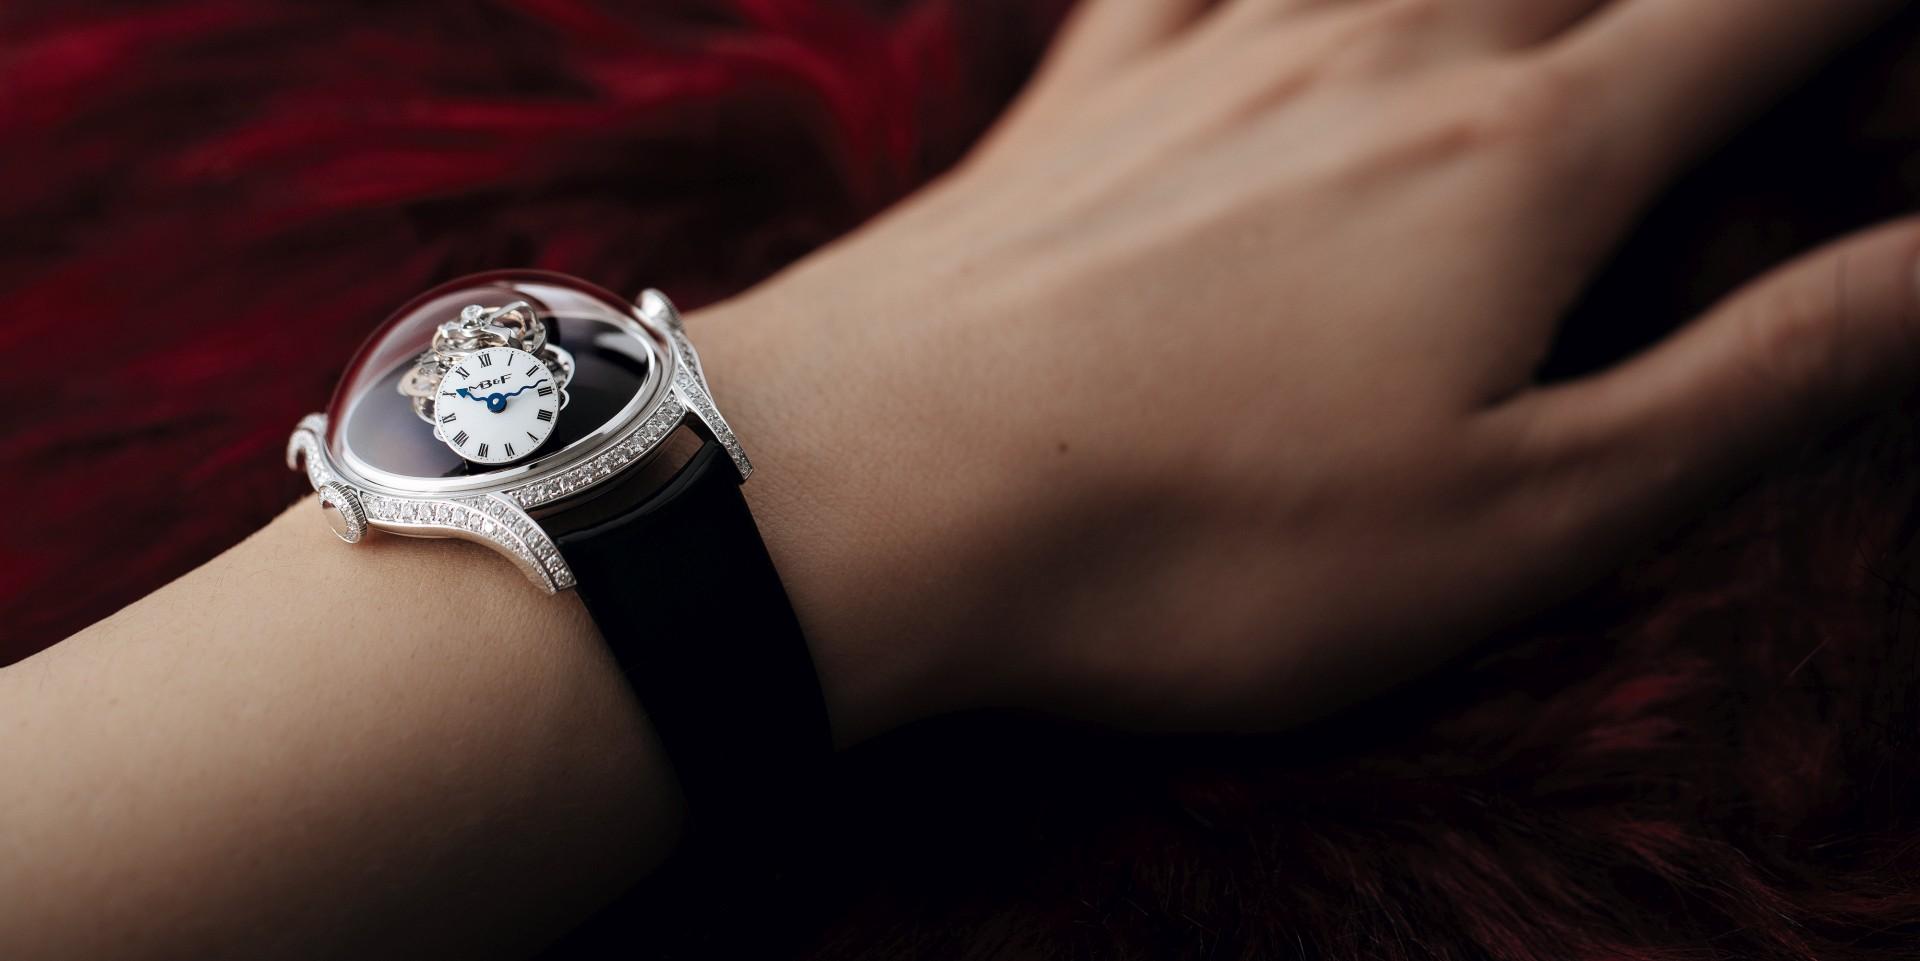 優雅而富感染力的女性力量:MB&F發表品牌第一款女性腕錶―Legacy Machine FlyingT